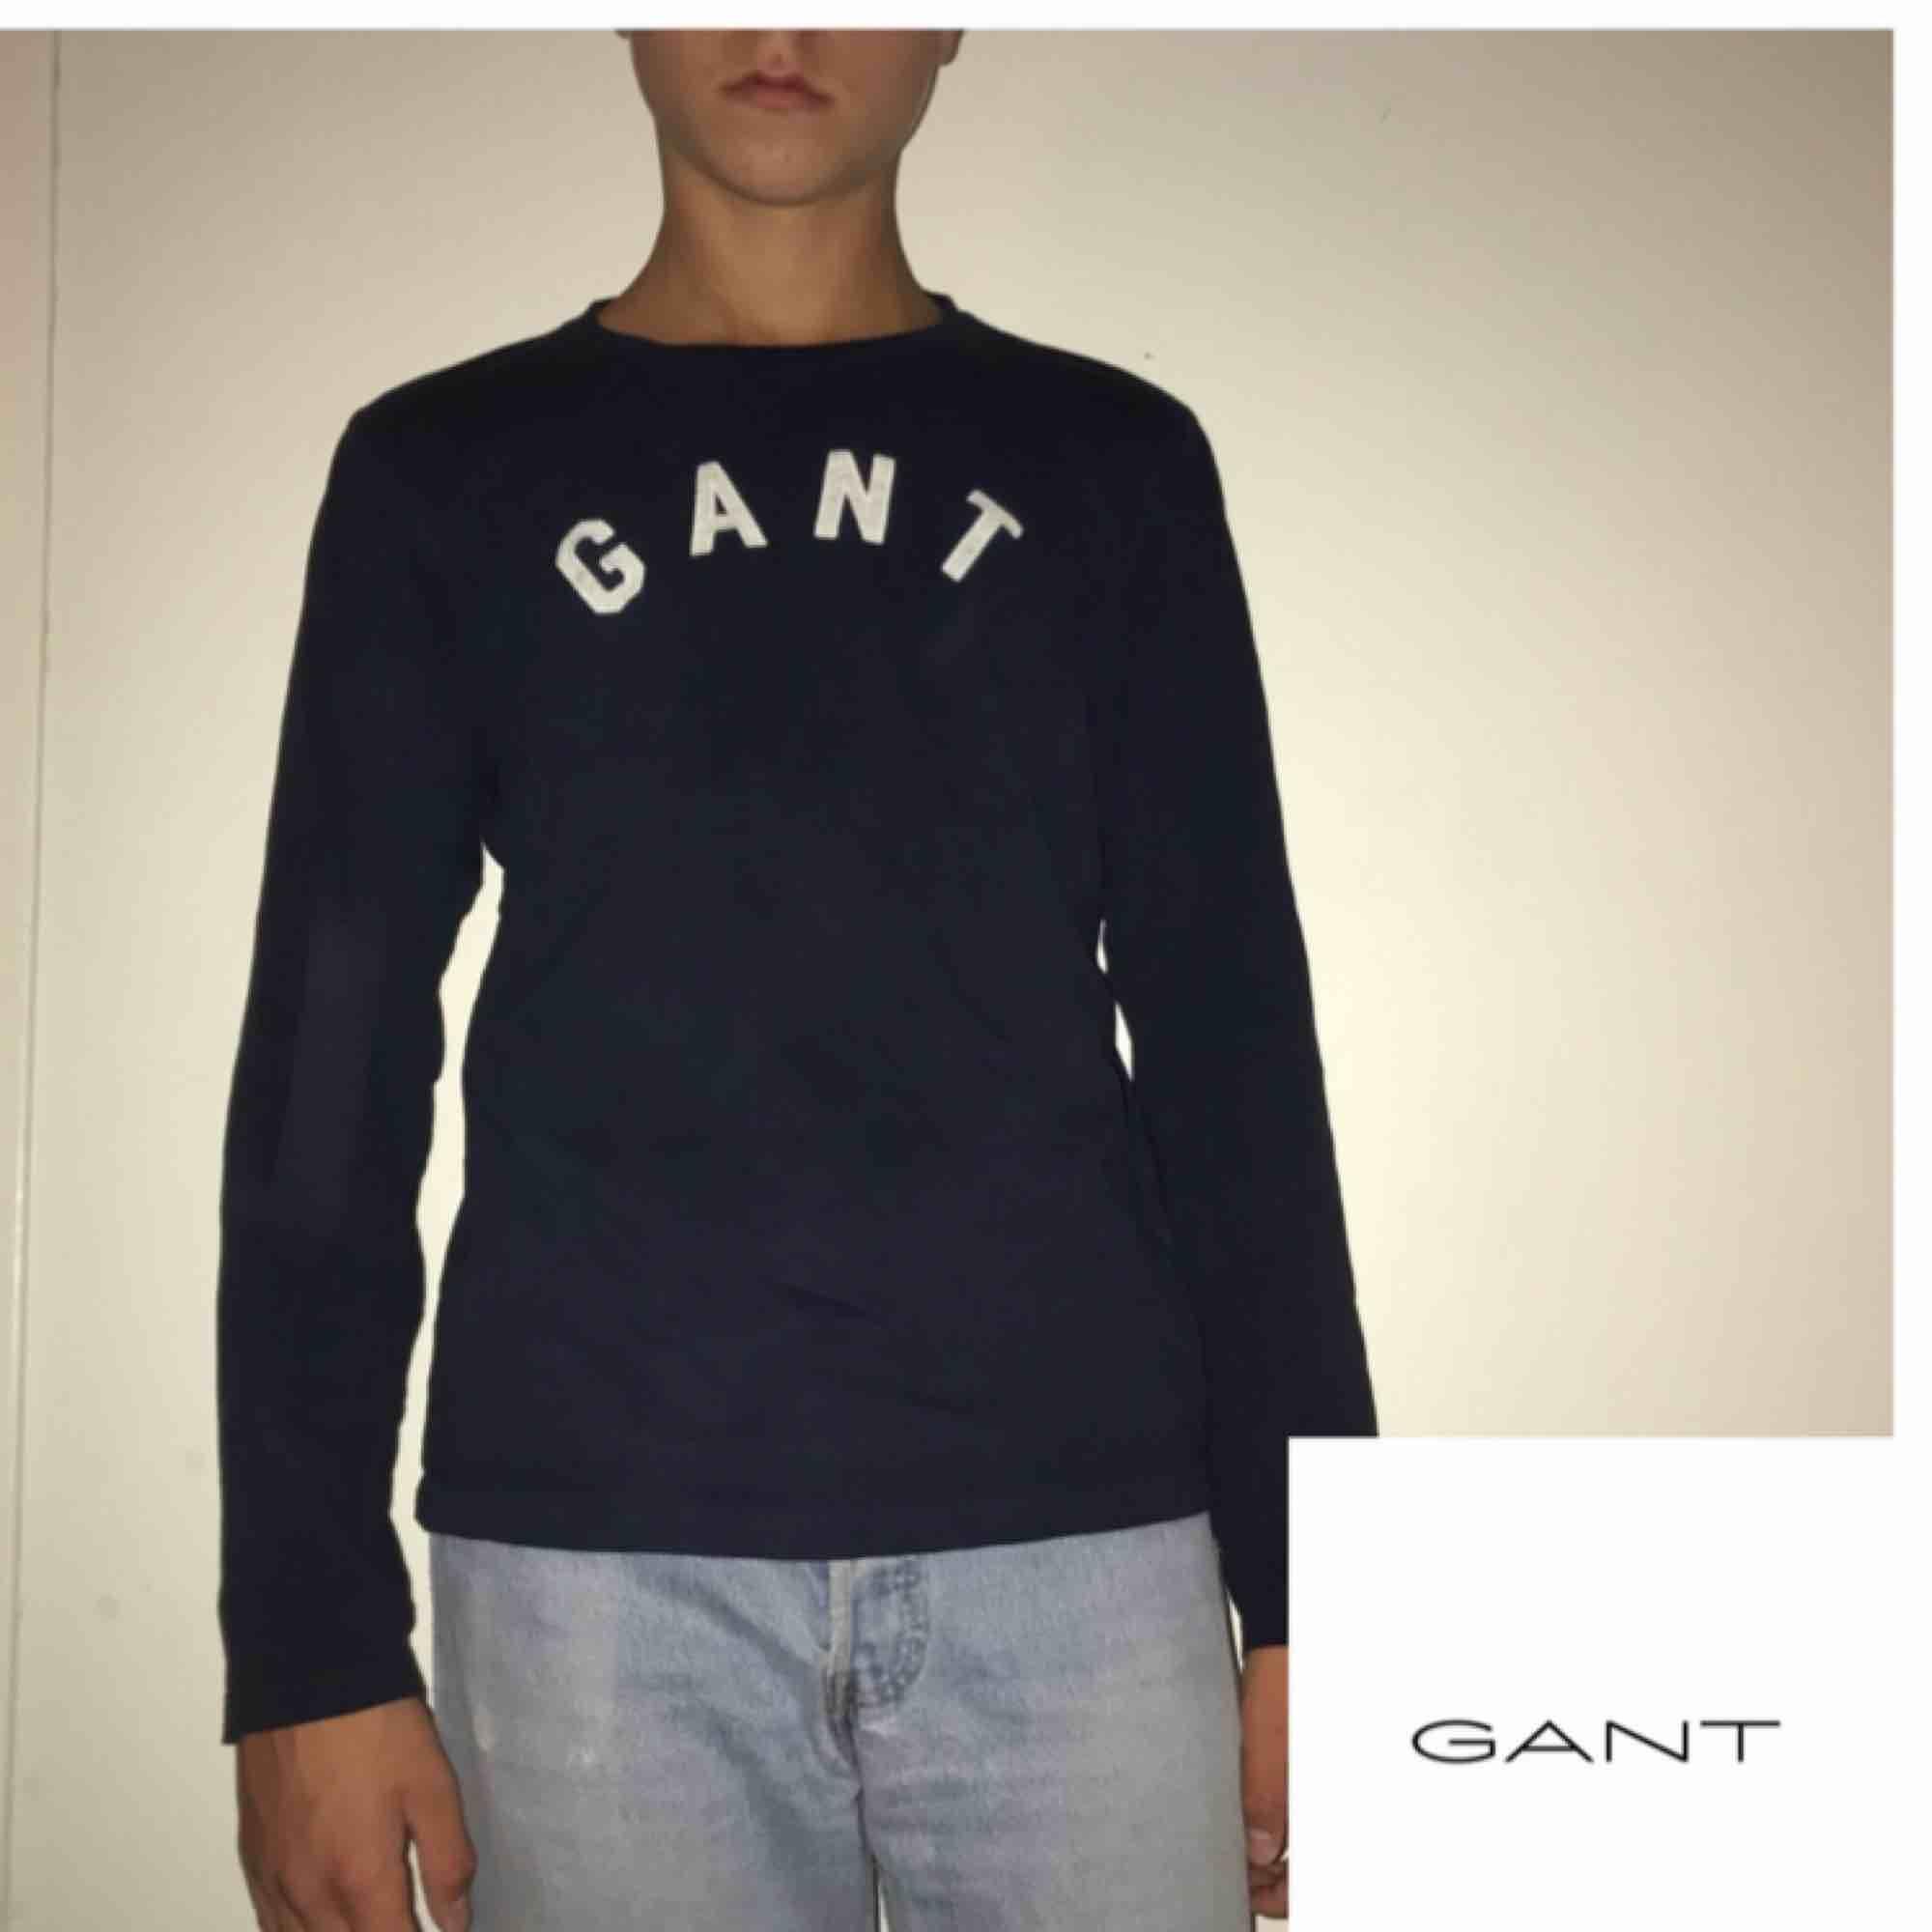 Fin långärmad tunn gant tröja.  passar mellan 160-170 cm lång ungefär (storlek 13/14 år) +frakt 42kr . Tröjor & Koftor.